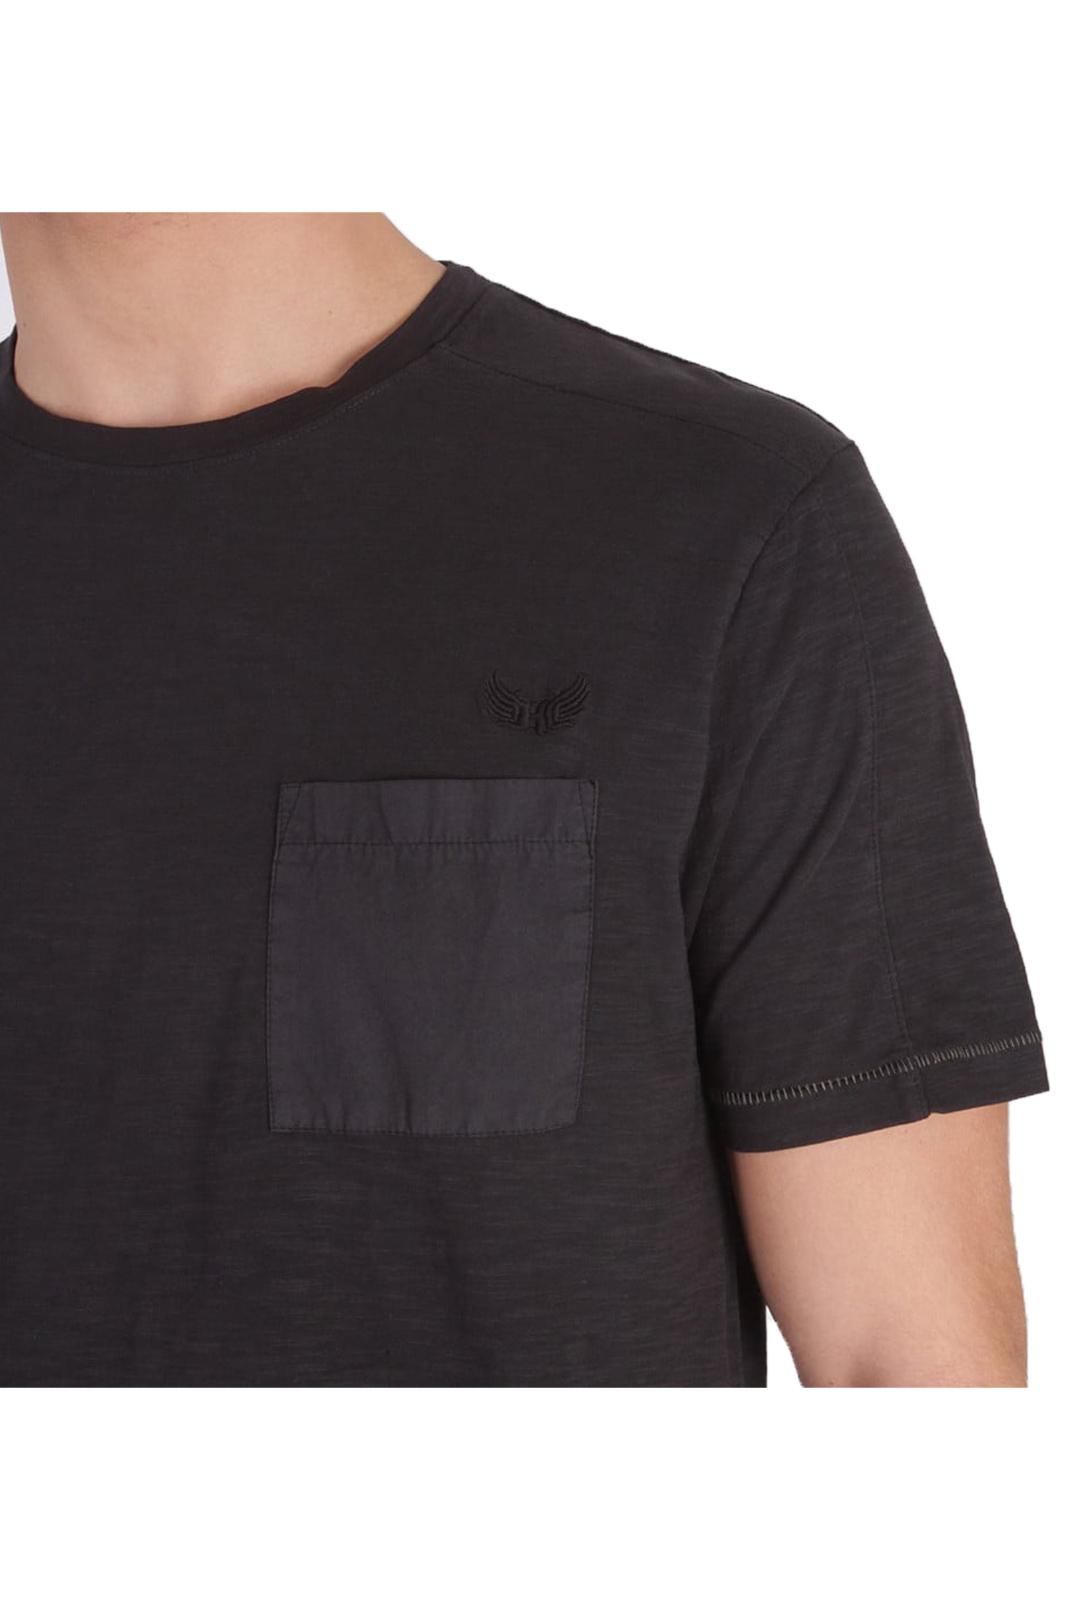 T-S manches courtes  Kaporal WALIS BLACK